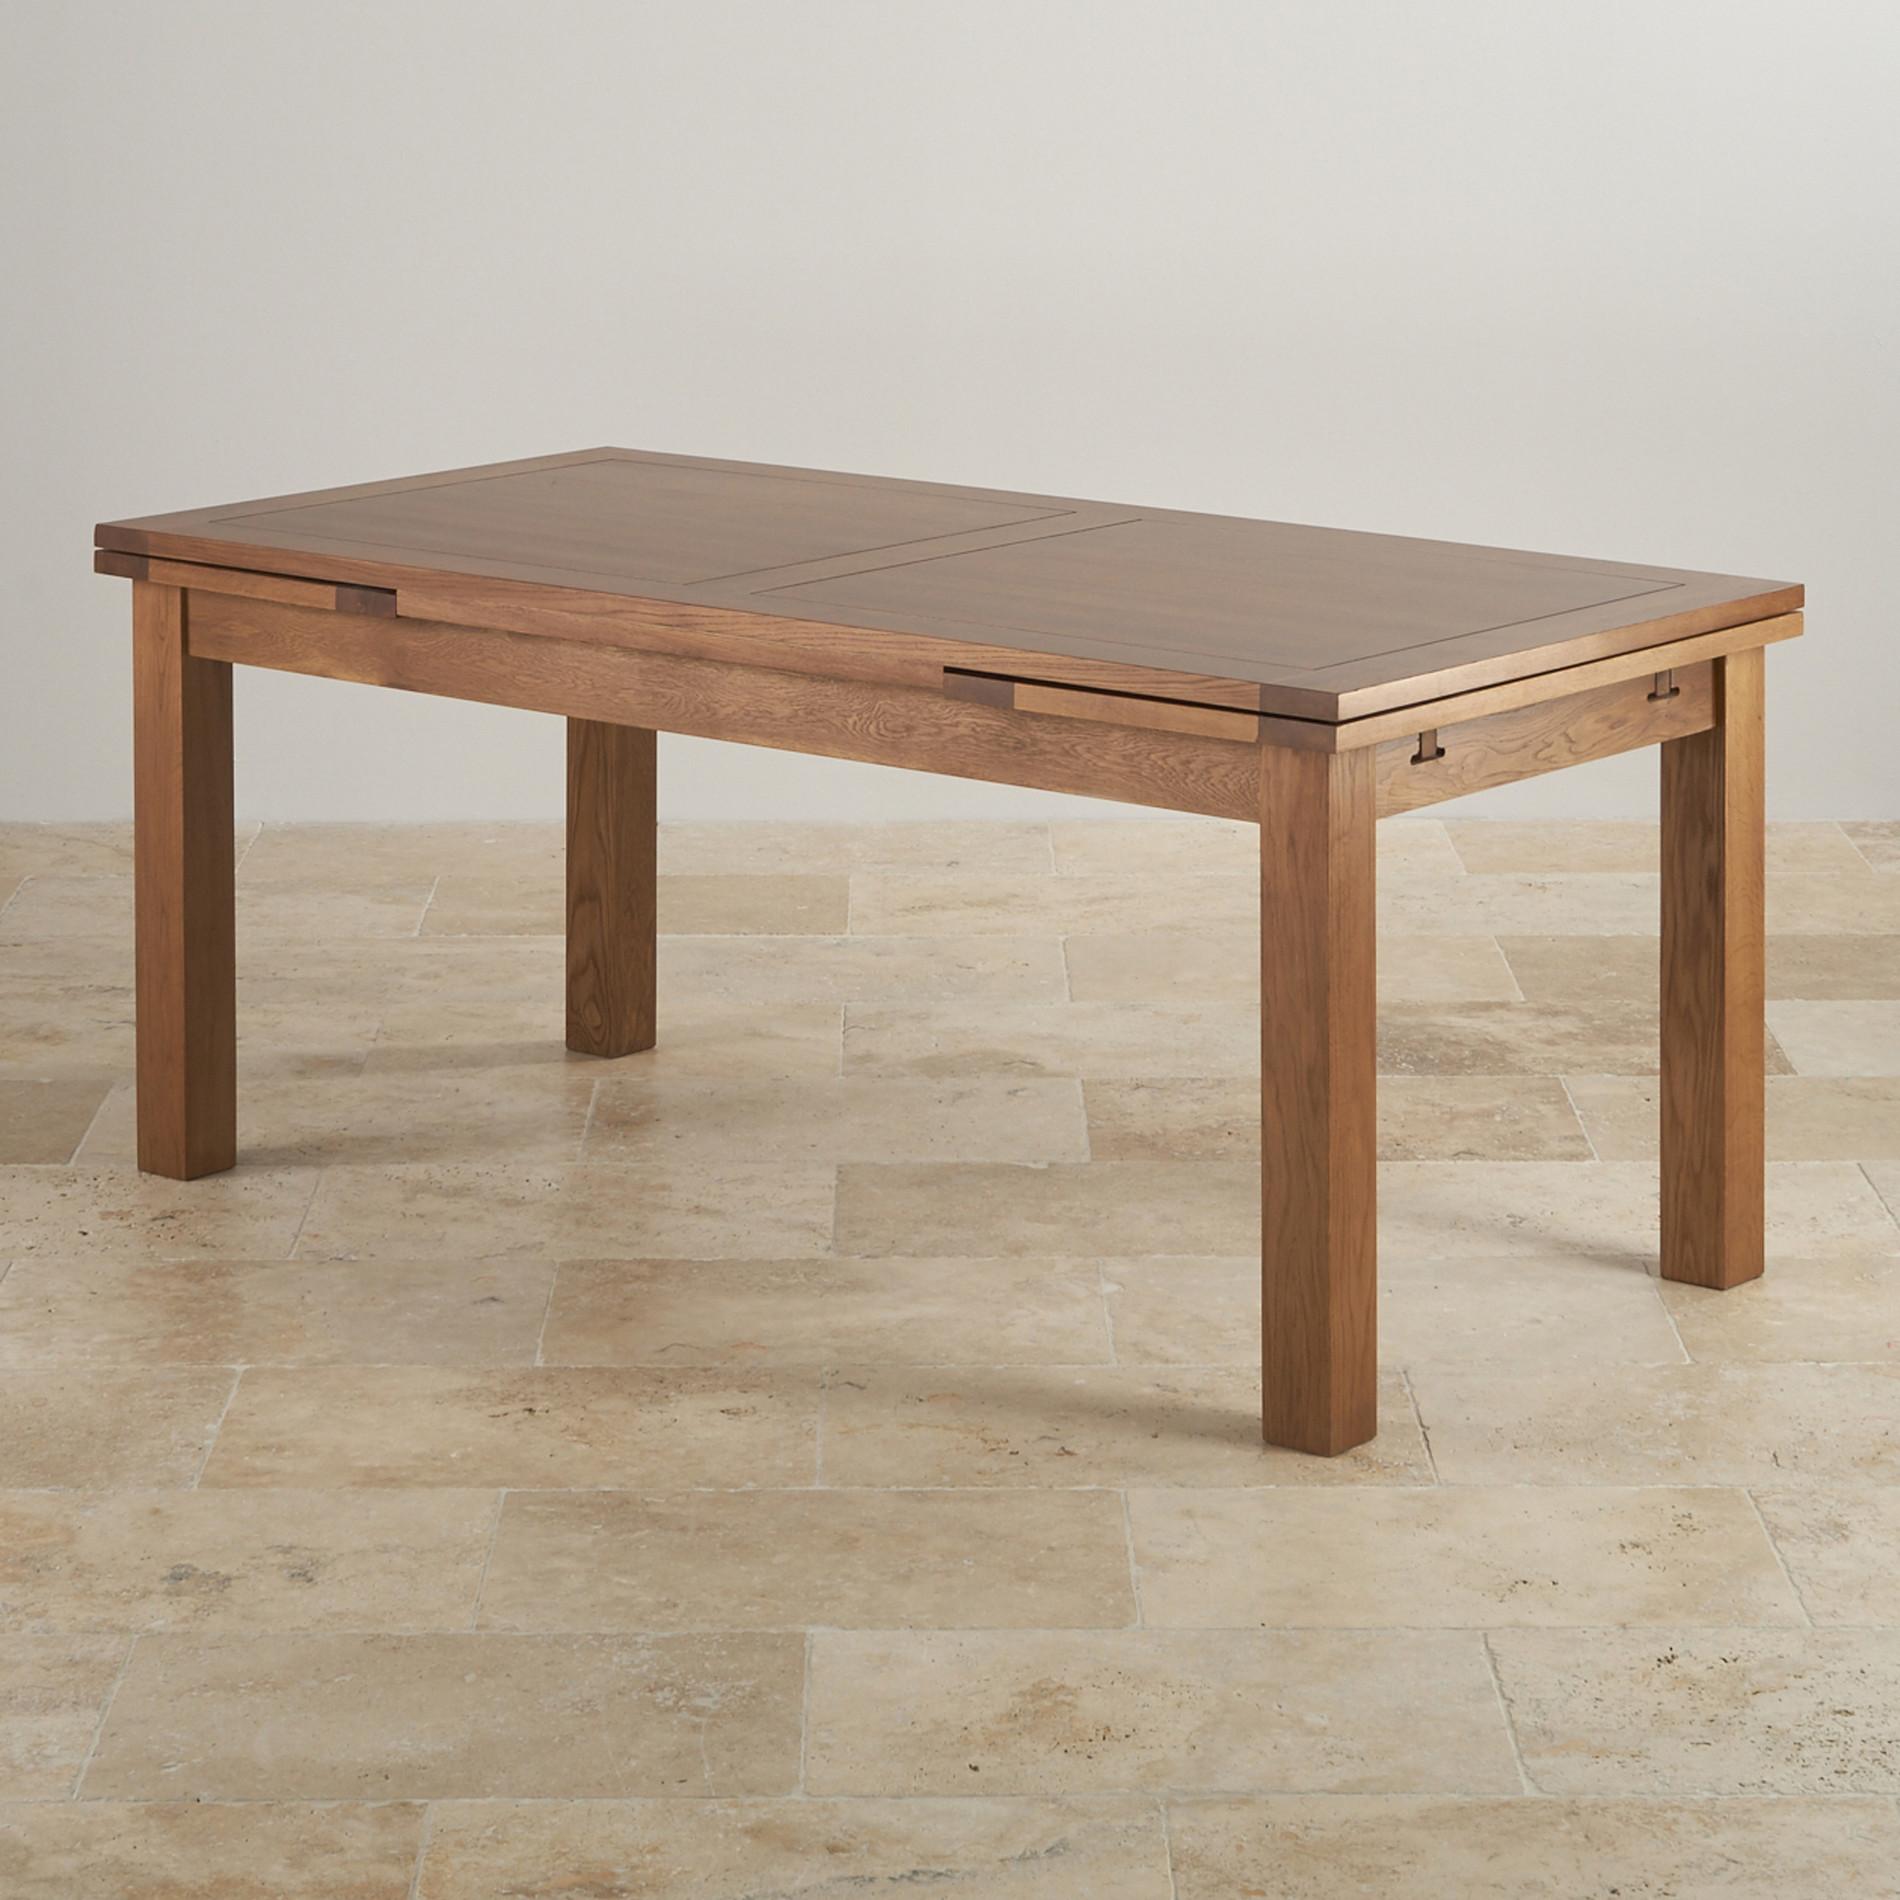 Pemberton Solid Chunky Oak Living Room Furniture Lamp Sofa: Extending Dining Table In Rustic Oak